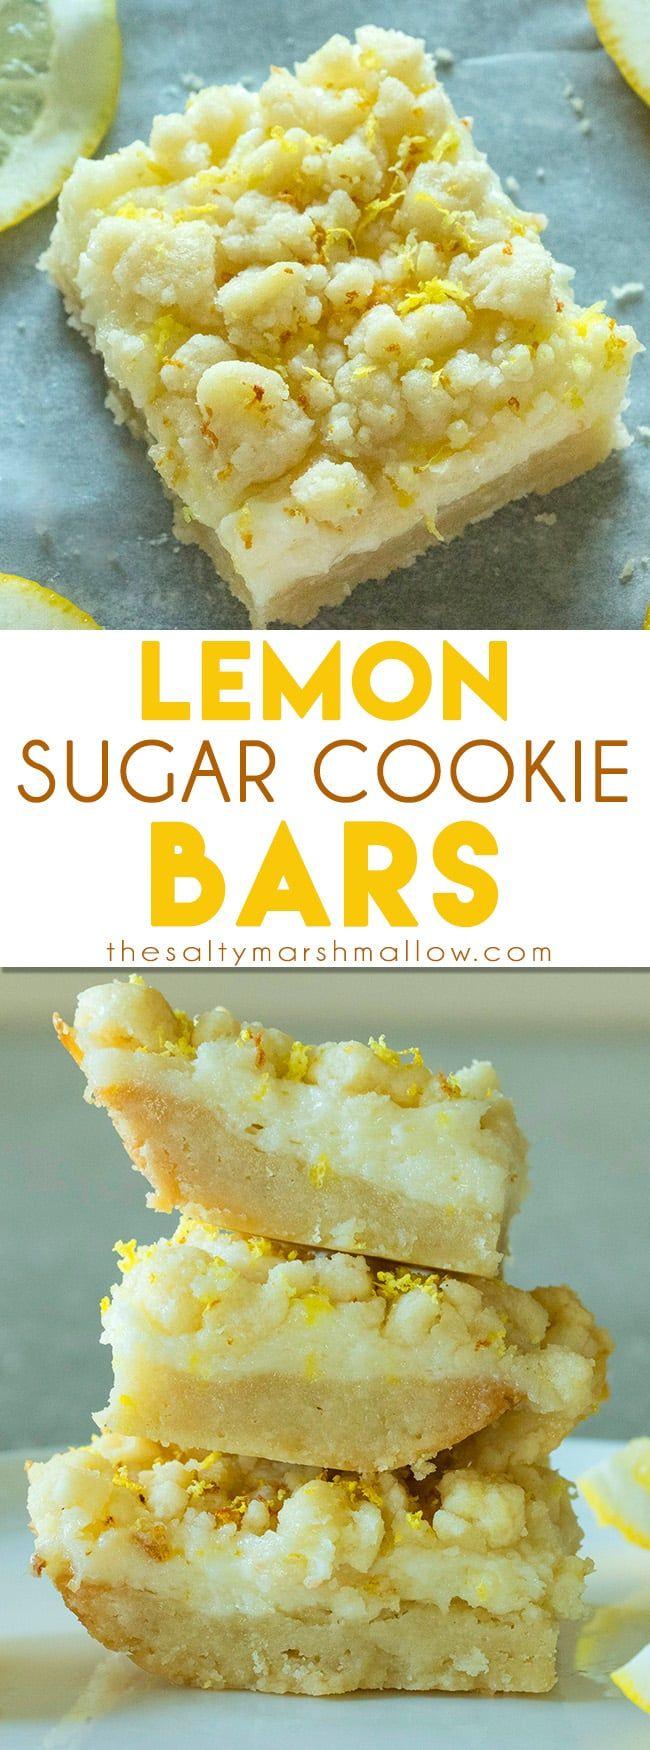 #Easy #Dessert #recipe Lemon Bars